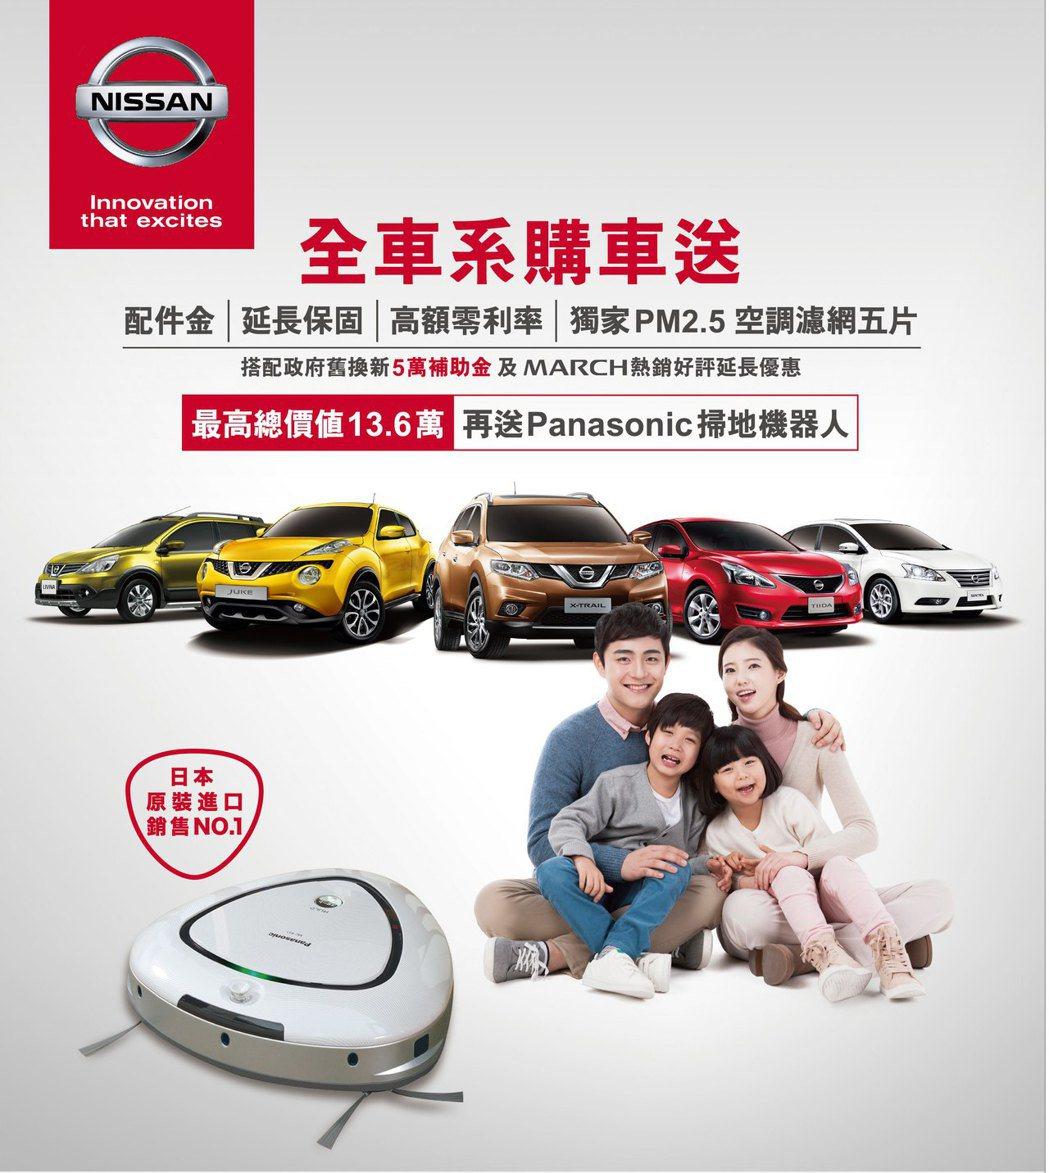 裕隆日產總代理NISSAN7月底前購車獨家加碼再贈送價值24,900元、日本銷售...